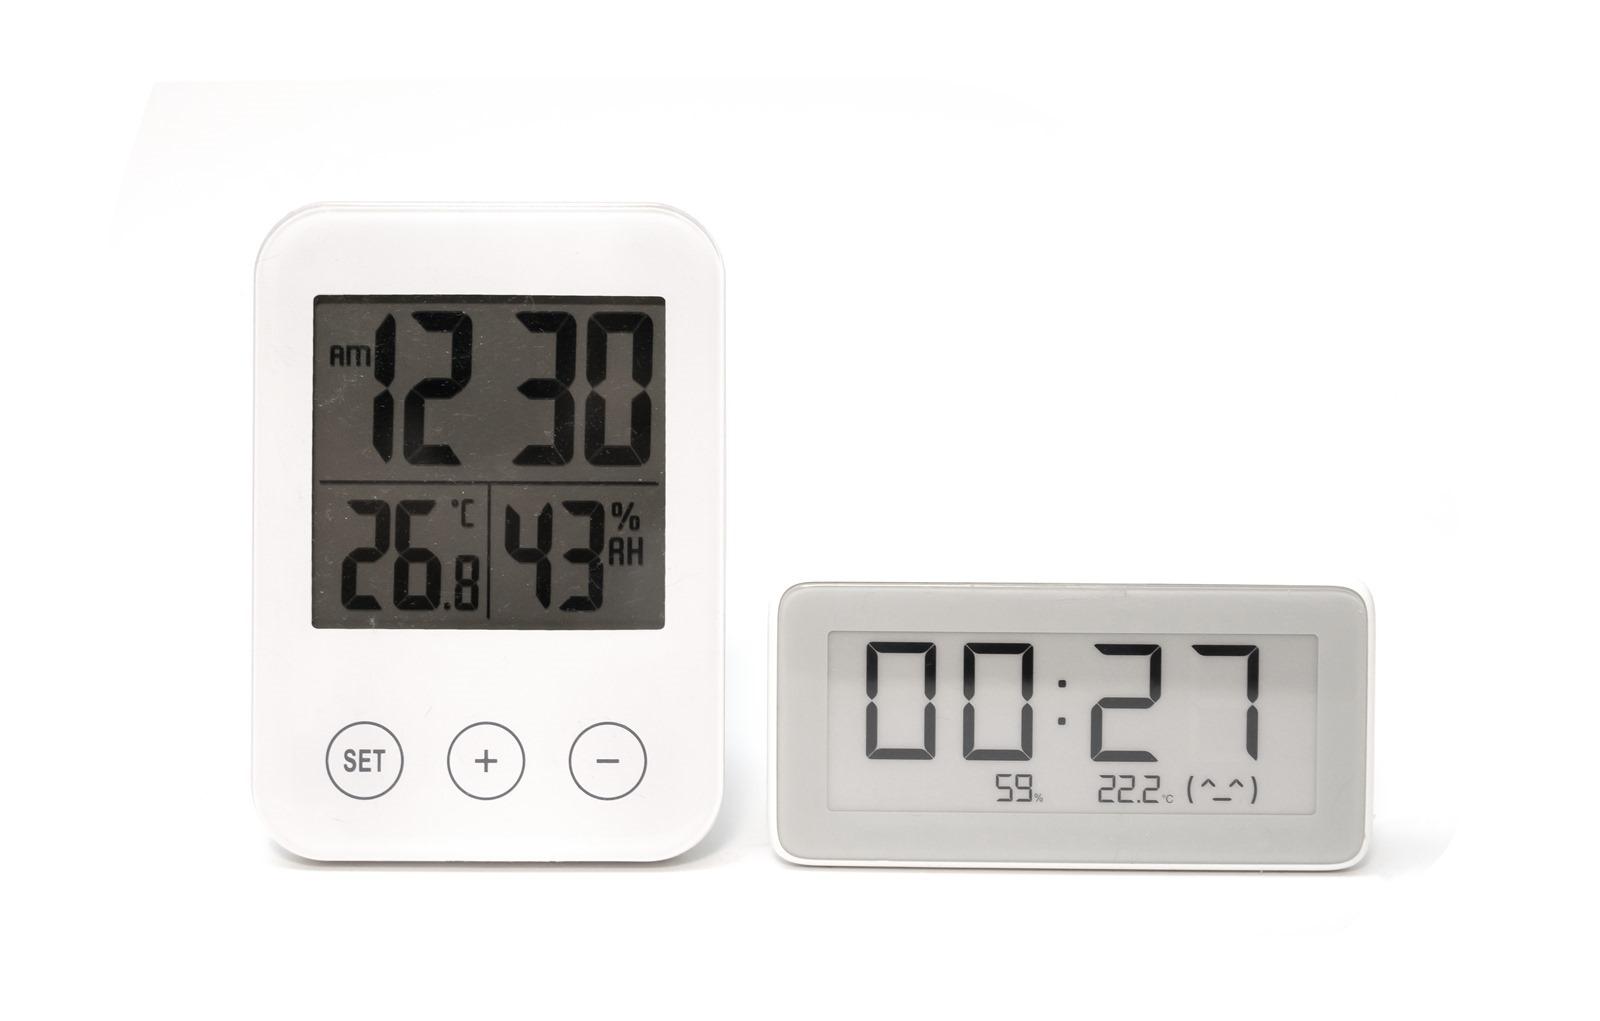 電子紙打造最美溫濕度時鐘!小米米家溫濕監測電子錶開箱 @3C 達人廖阿輝